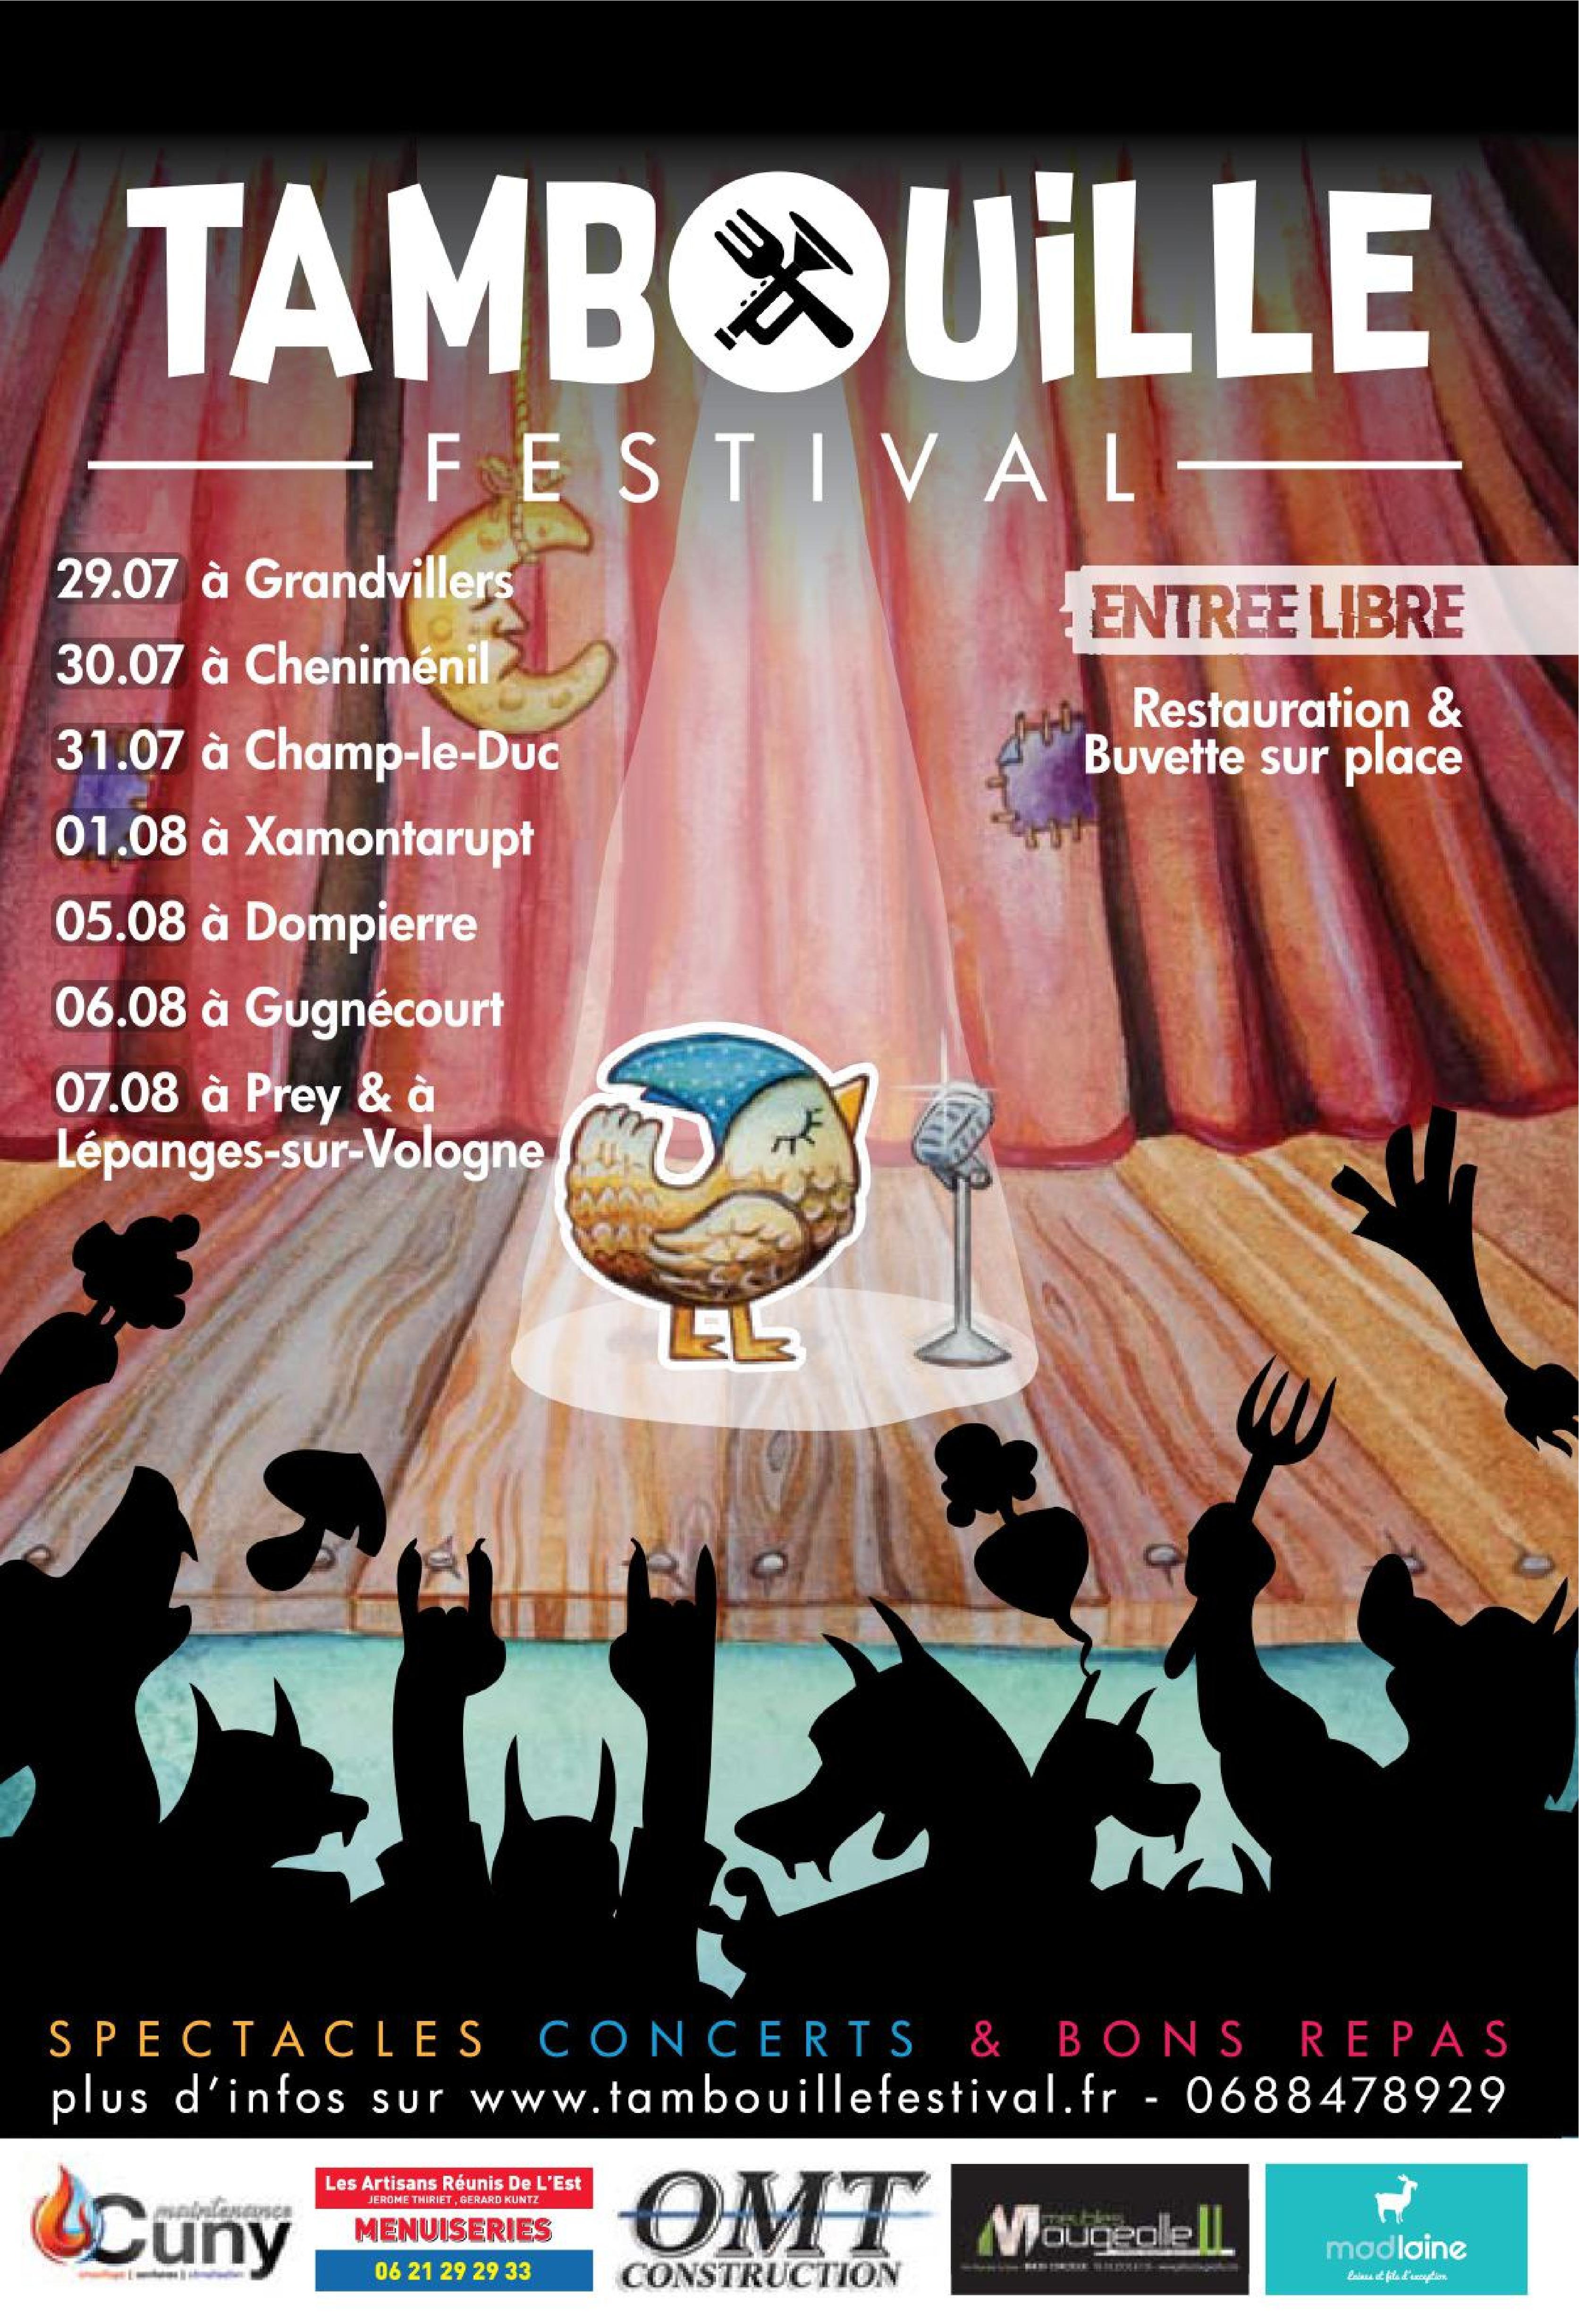 Tambouille Festival dans les Vosges 2021 Spectacles Concerts Bons repas Entrée libre